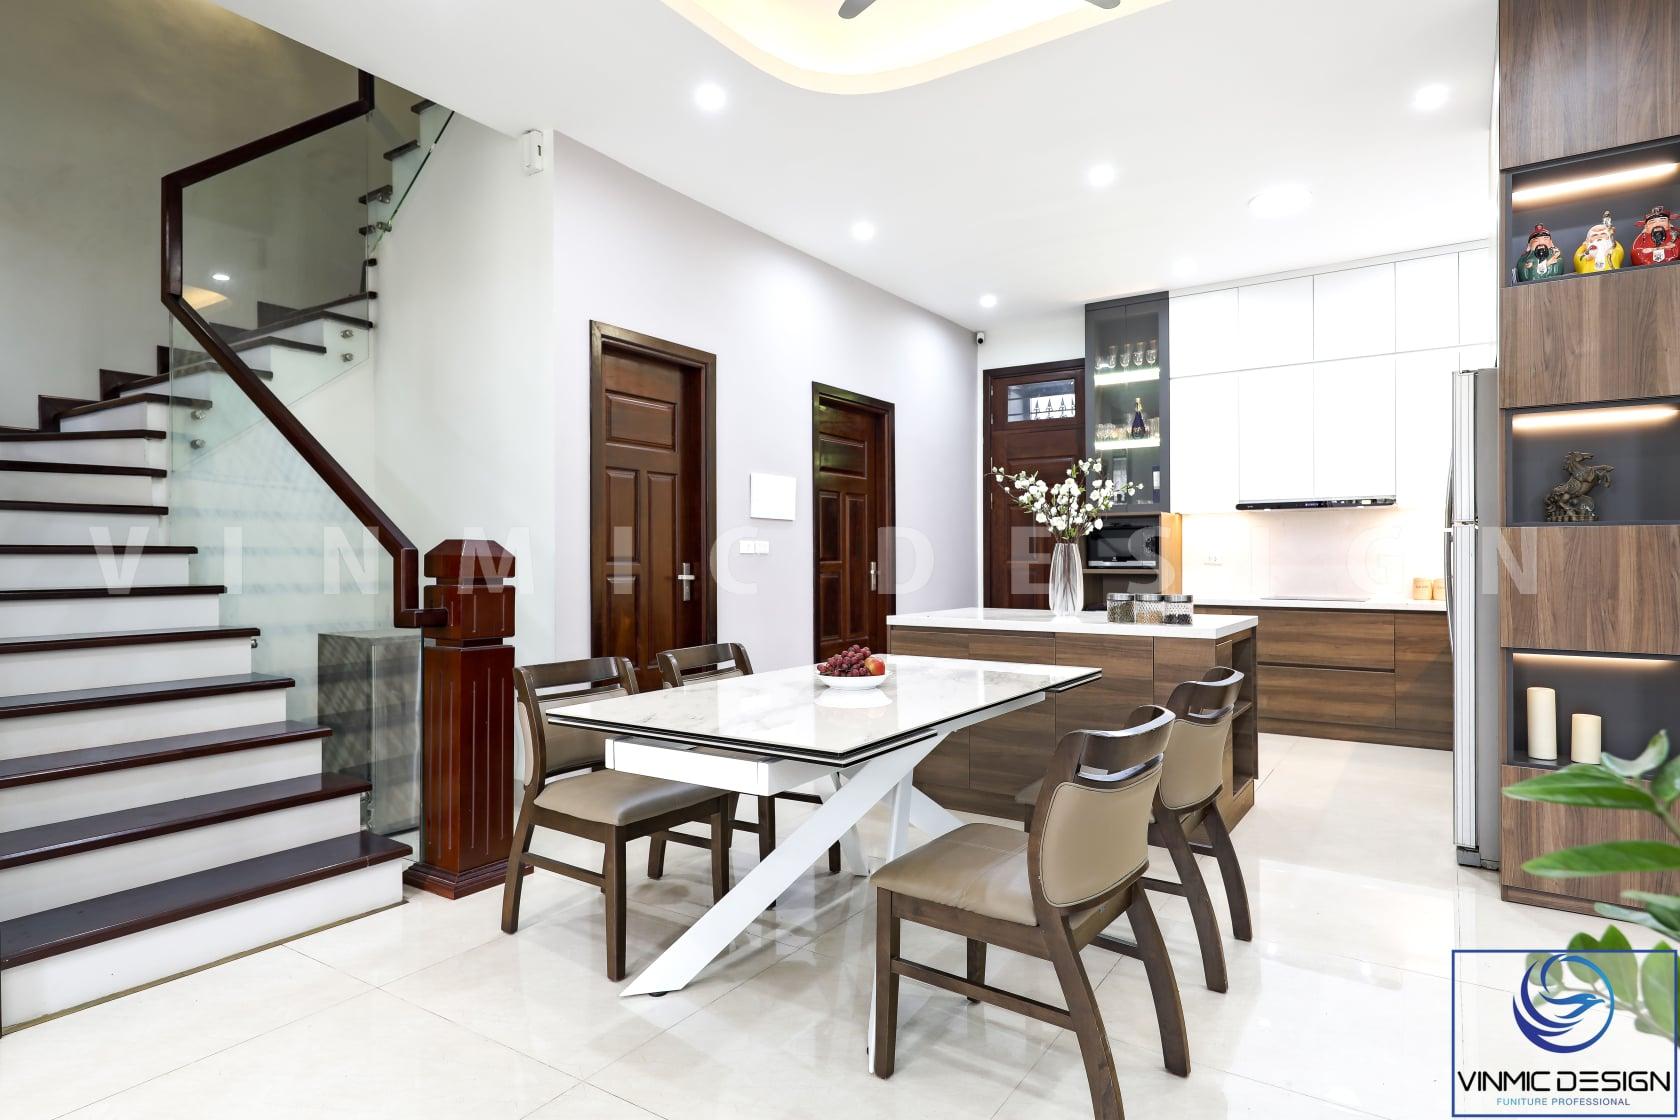 Thi công nội thất không gian ăn uống ấn tượng với bàn ăn cách điệu và đồ nội thất gỗ công nghiệp MDF lõi xanh